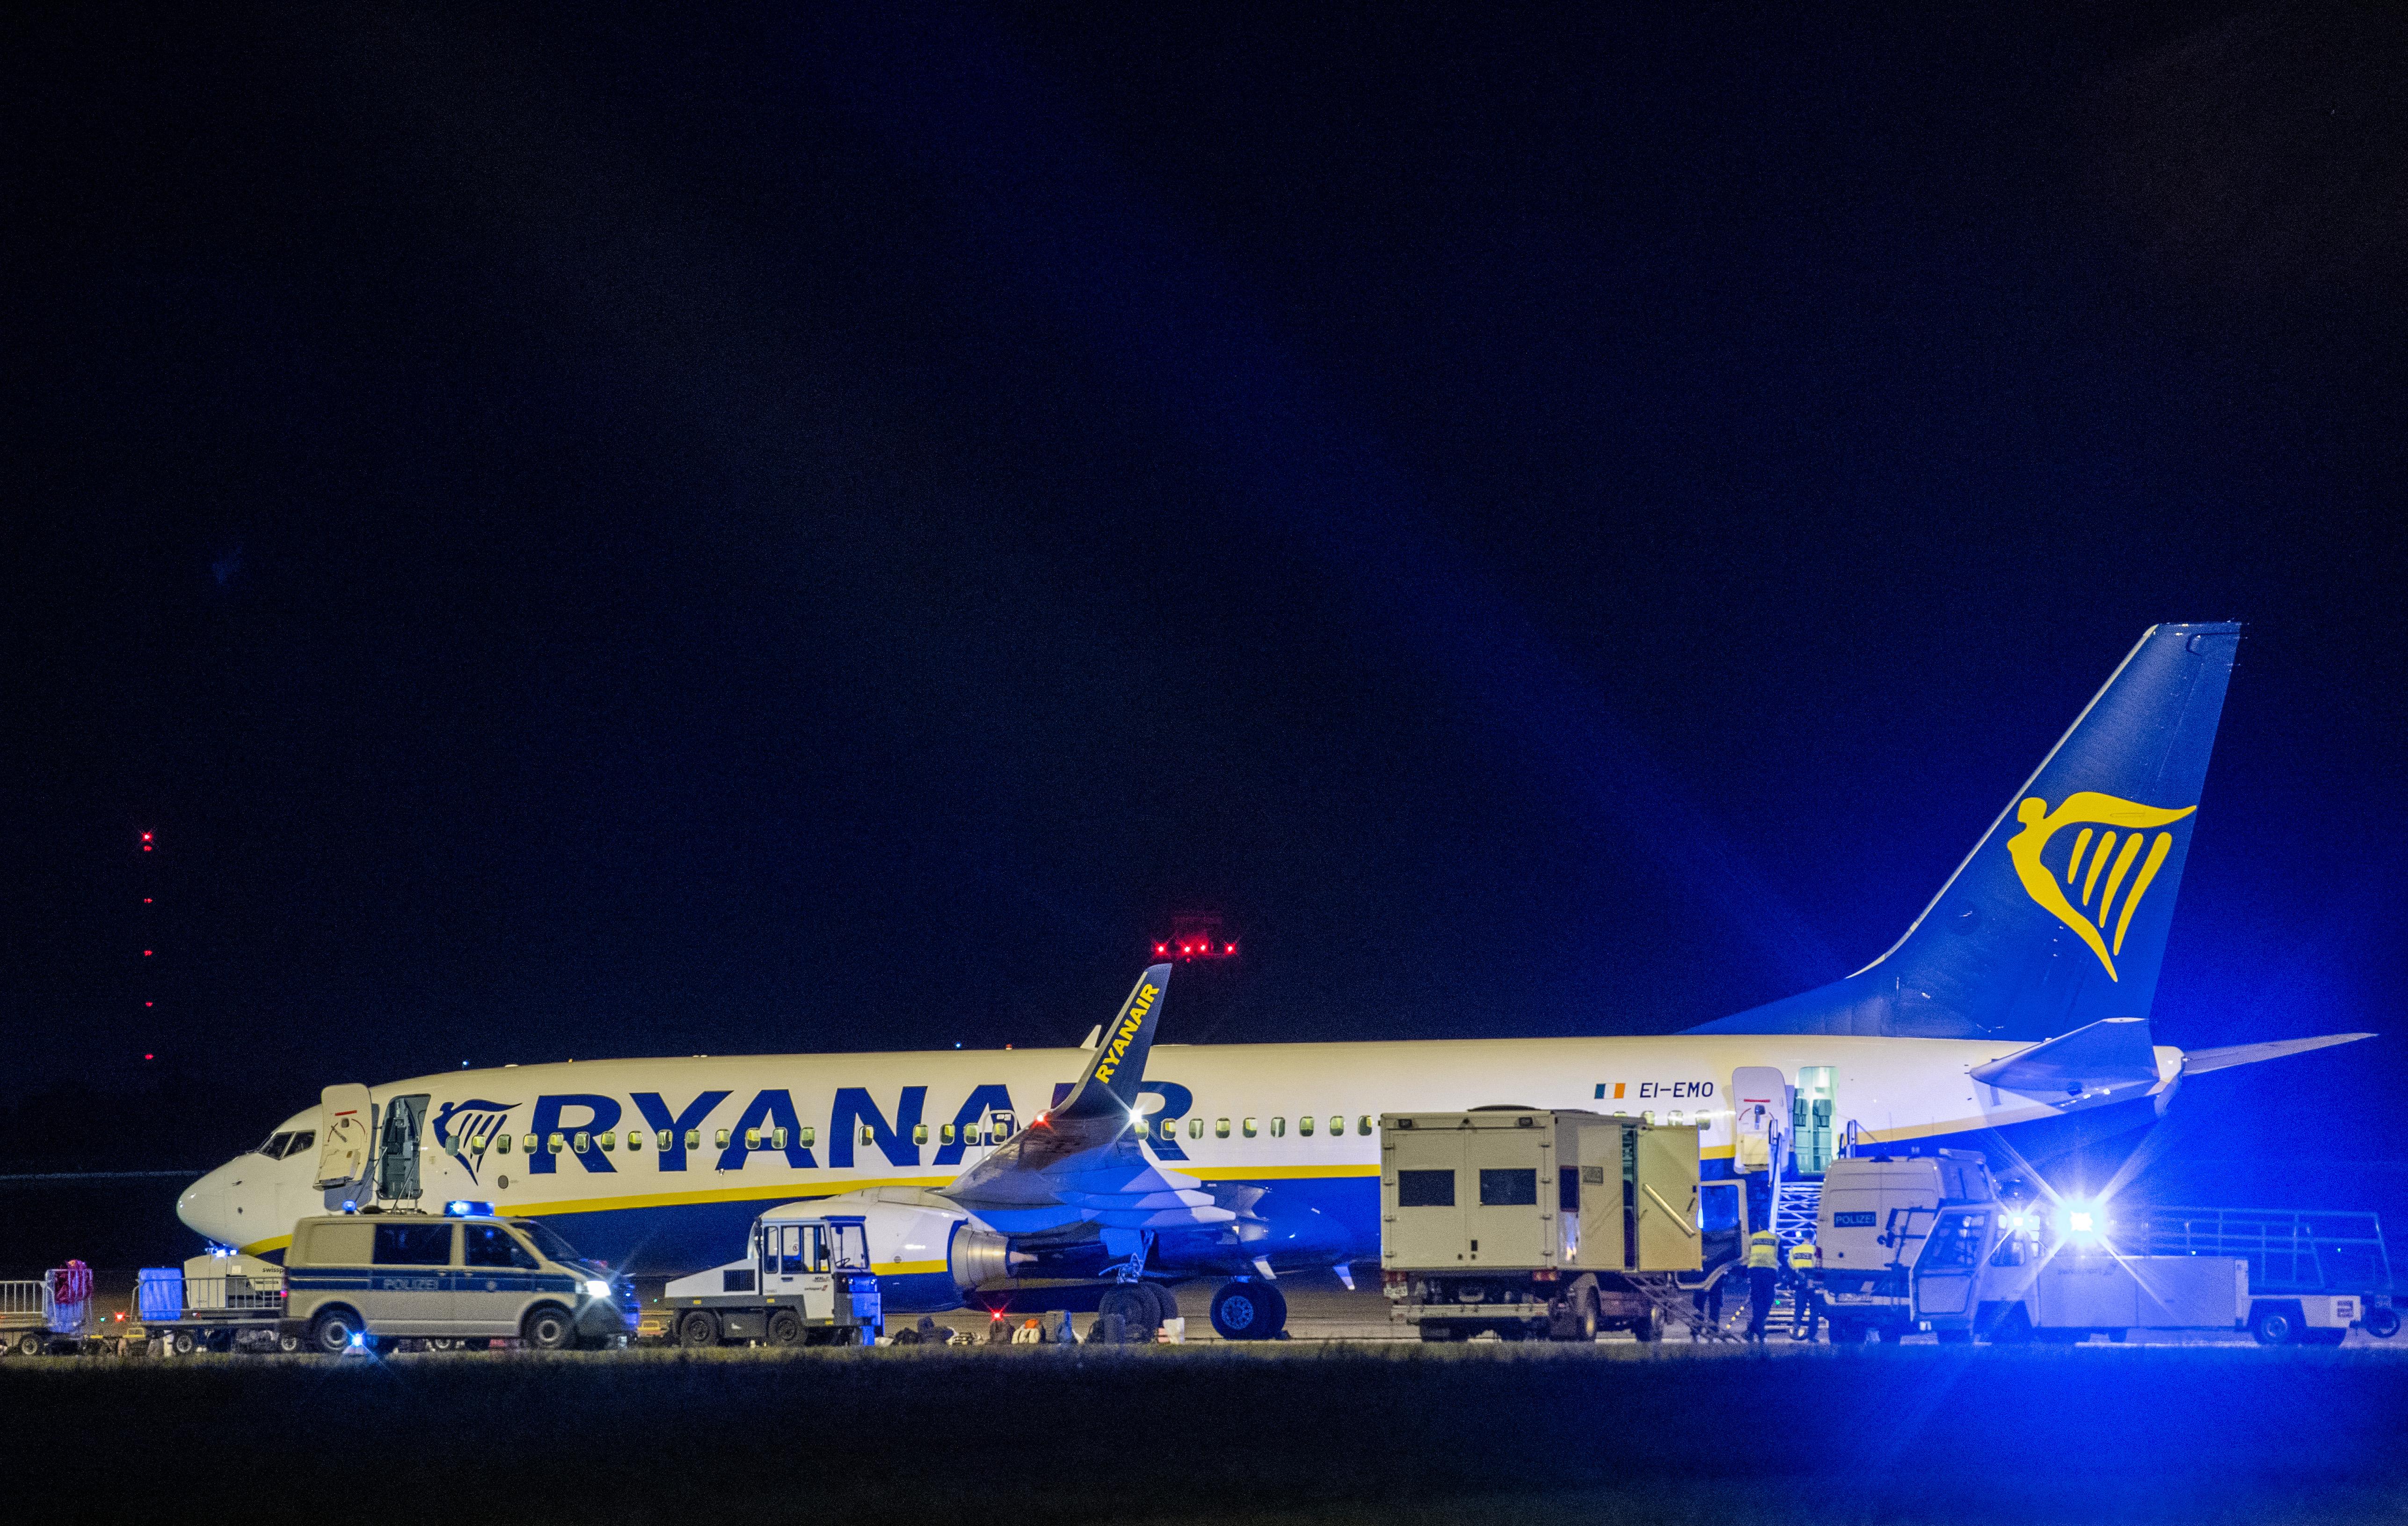 Kényszerleszállást hajtott végre a Ryanair repülőgépe Berlinben